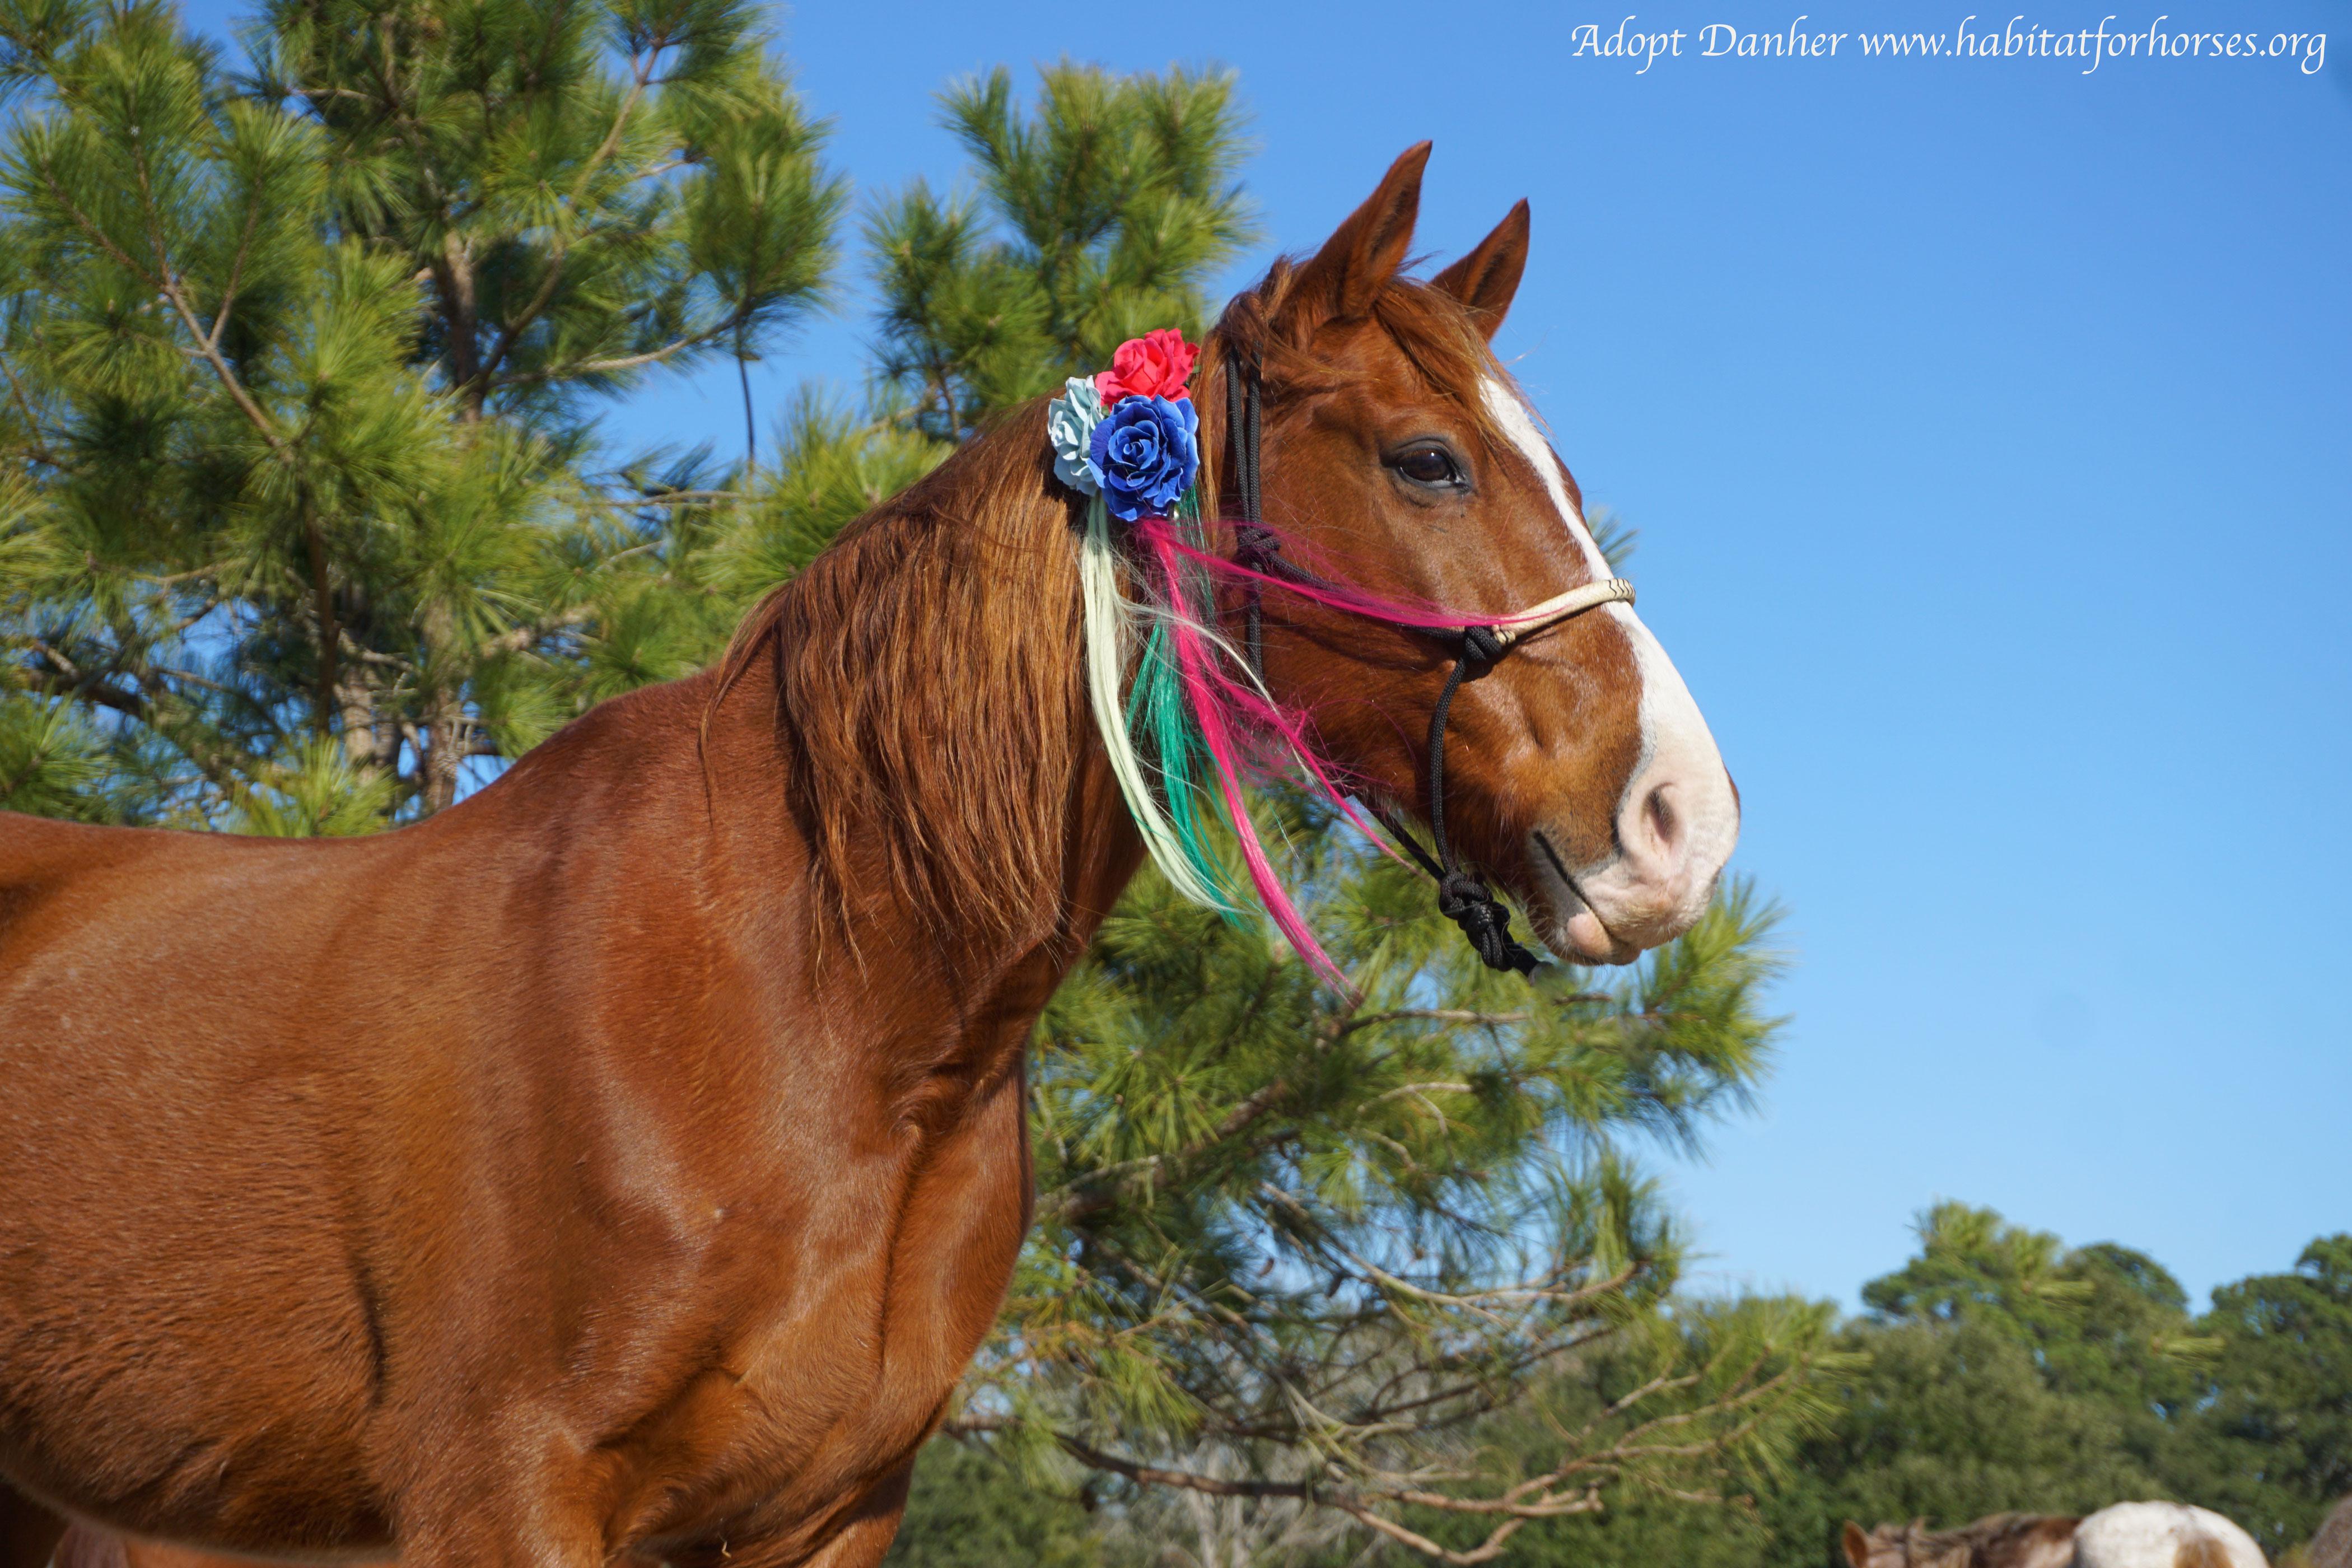 Ready to Ride - Habitat For Horses